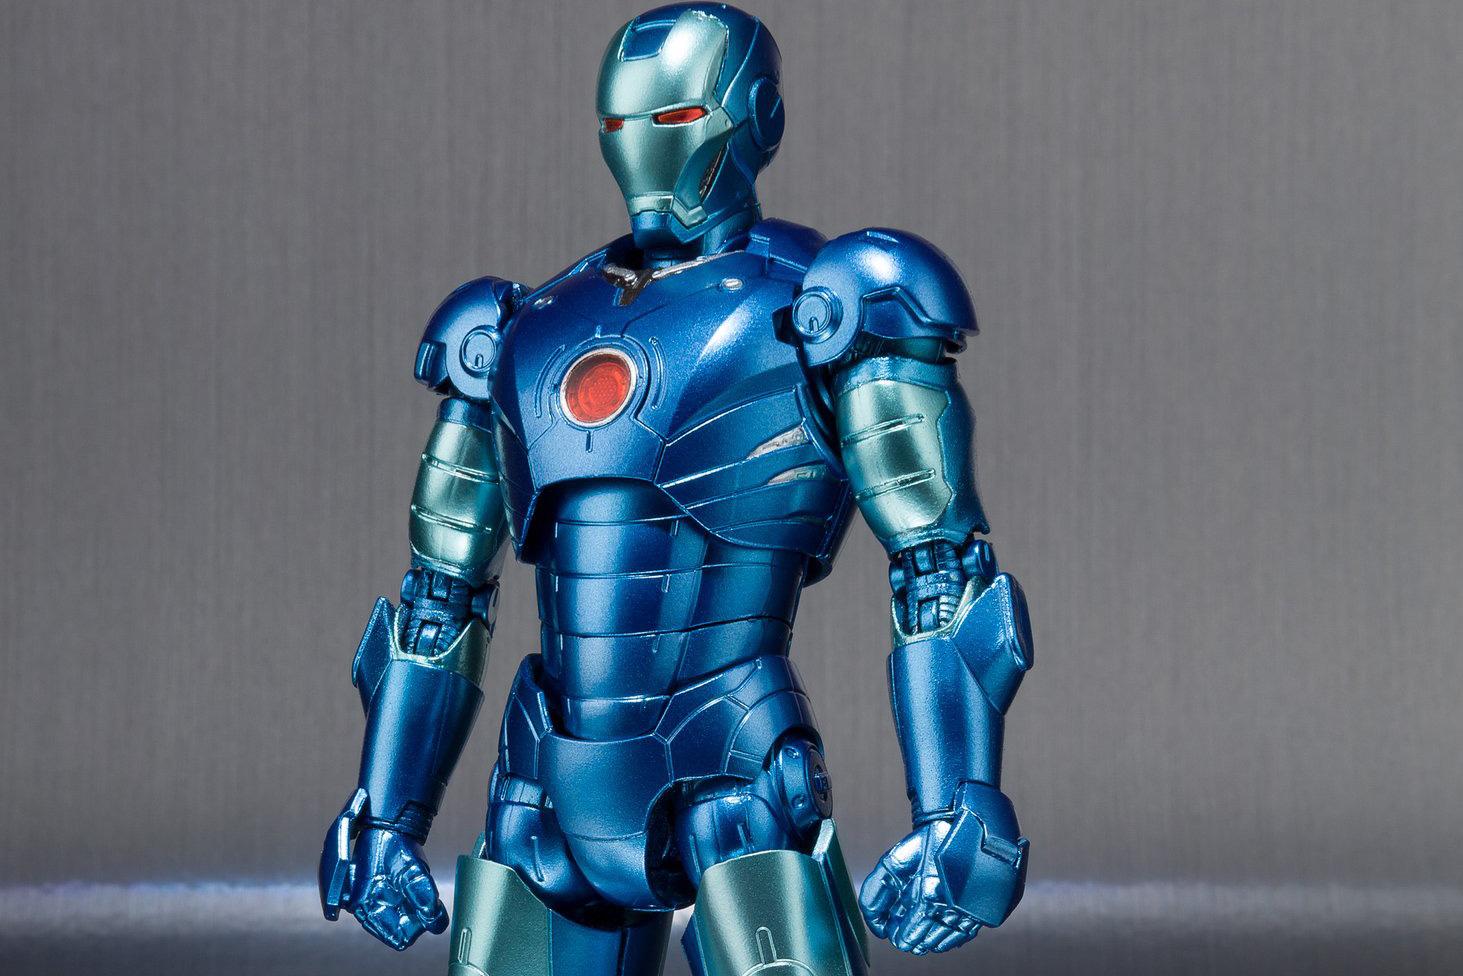 S.H.フィギュアーツ新作!青いアイアンマン マーク3がイベント限定発売!